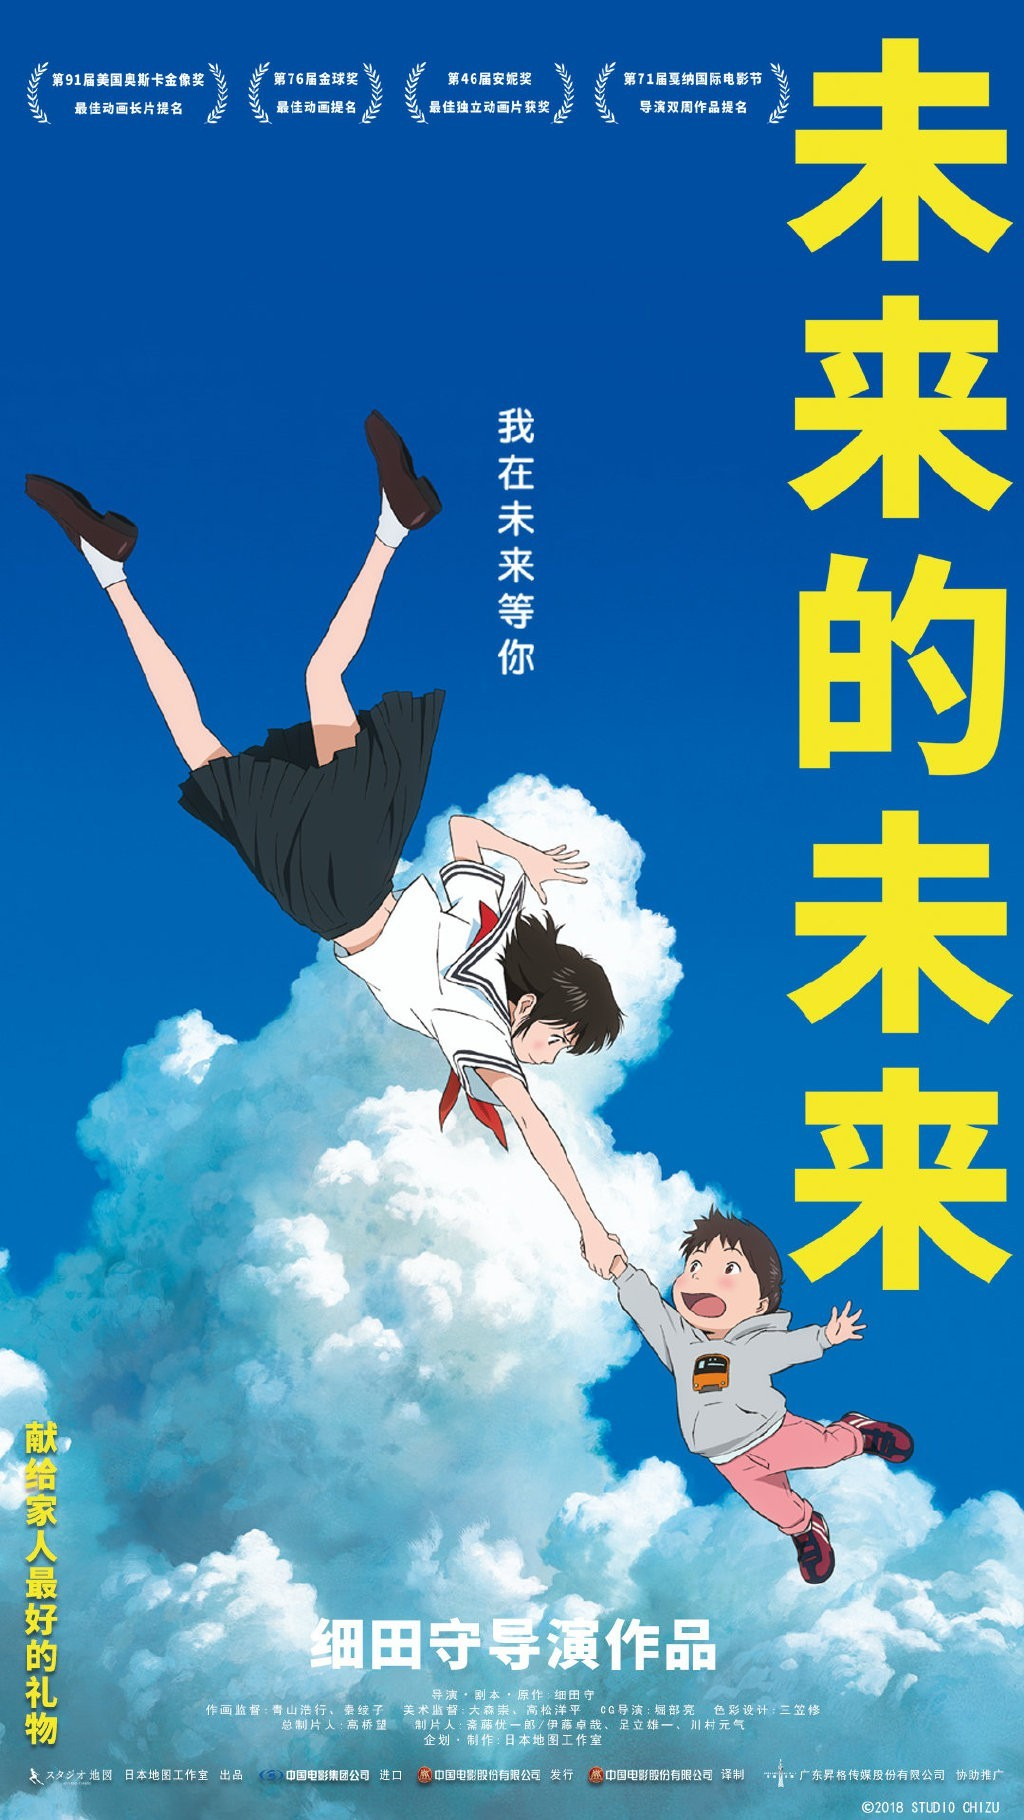 【动漫情报】细田守动画电影《未来的未来》确定引进,中文海报公开